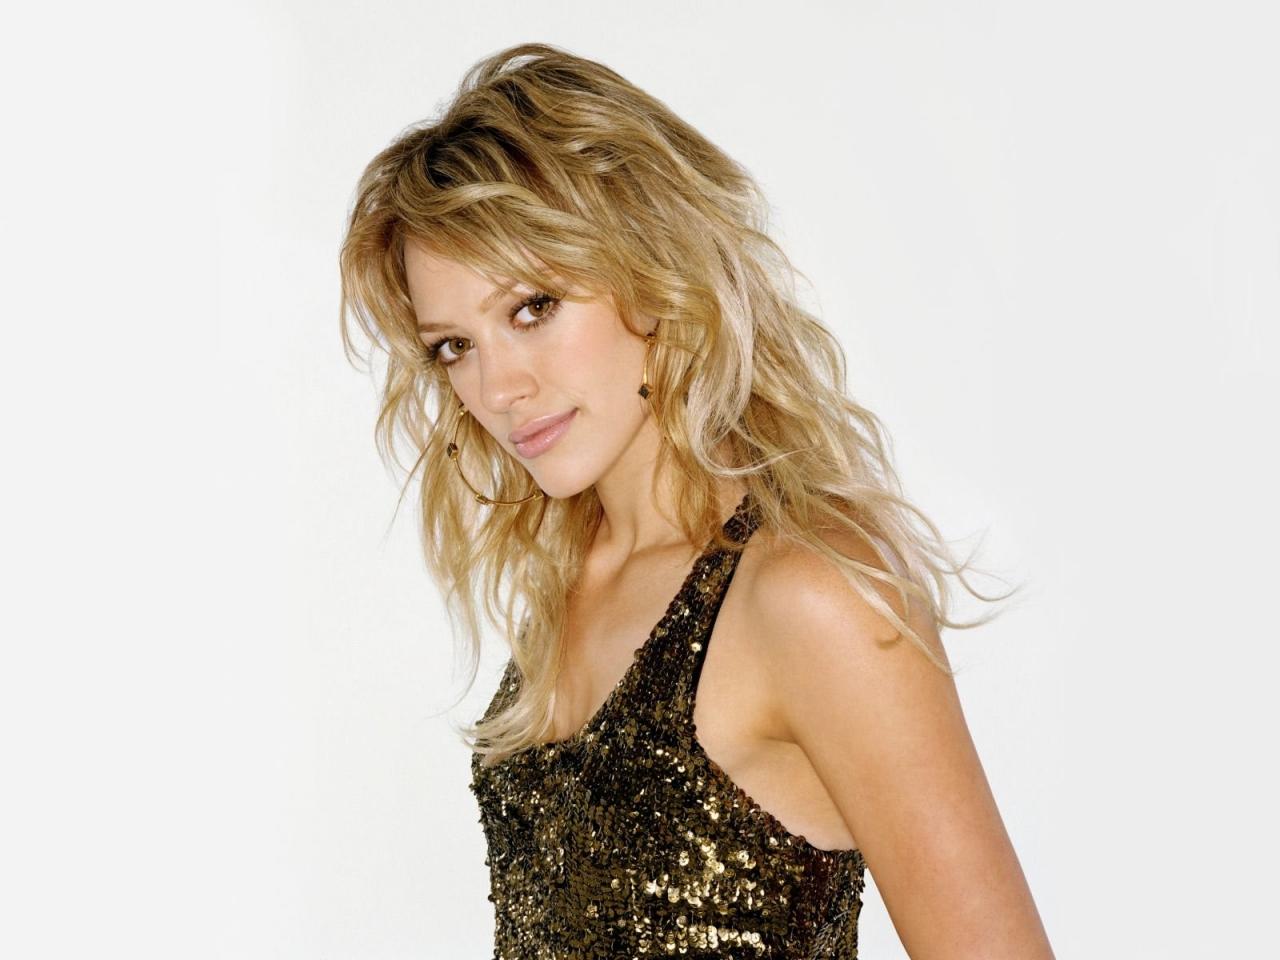 Hilary Duff rubia - 1280x960